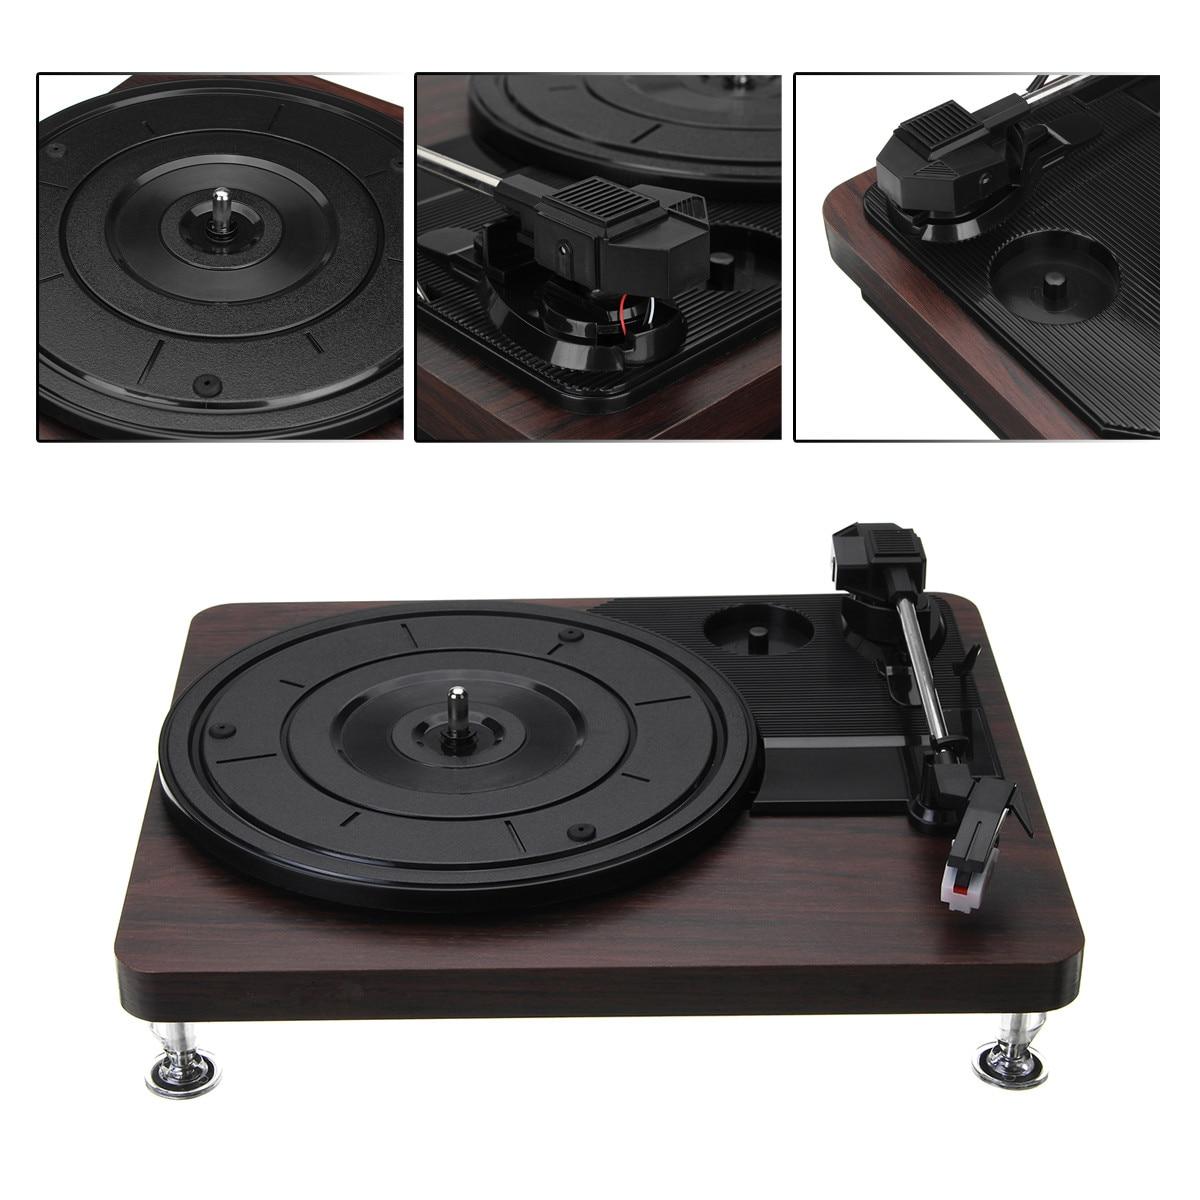 33 tr/min disque plastique rétro lecteur Portable Audio Gramophone tourne-disque vinyle Audio RCA R/L 3.5mm sortie USB DC 5 V